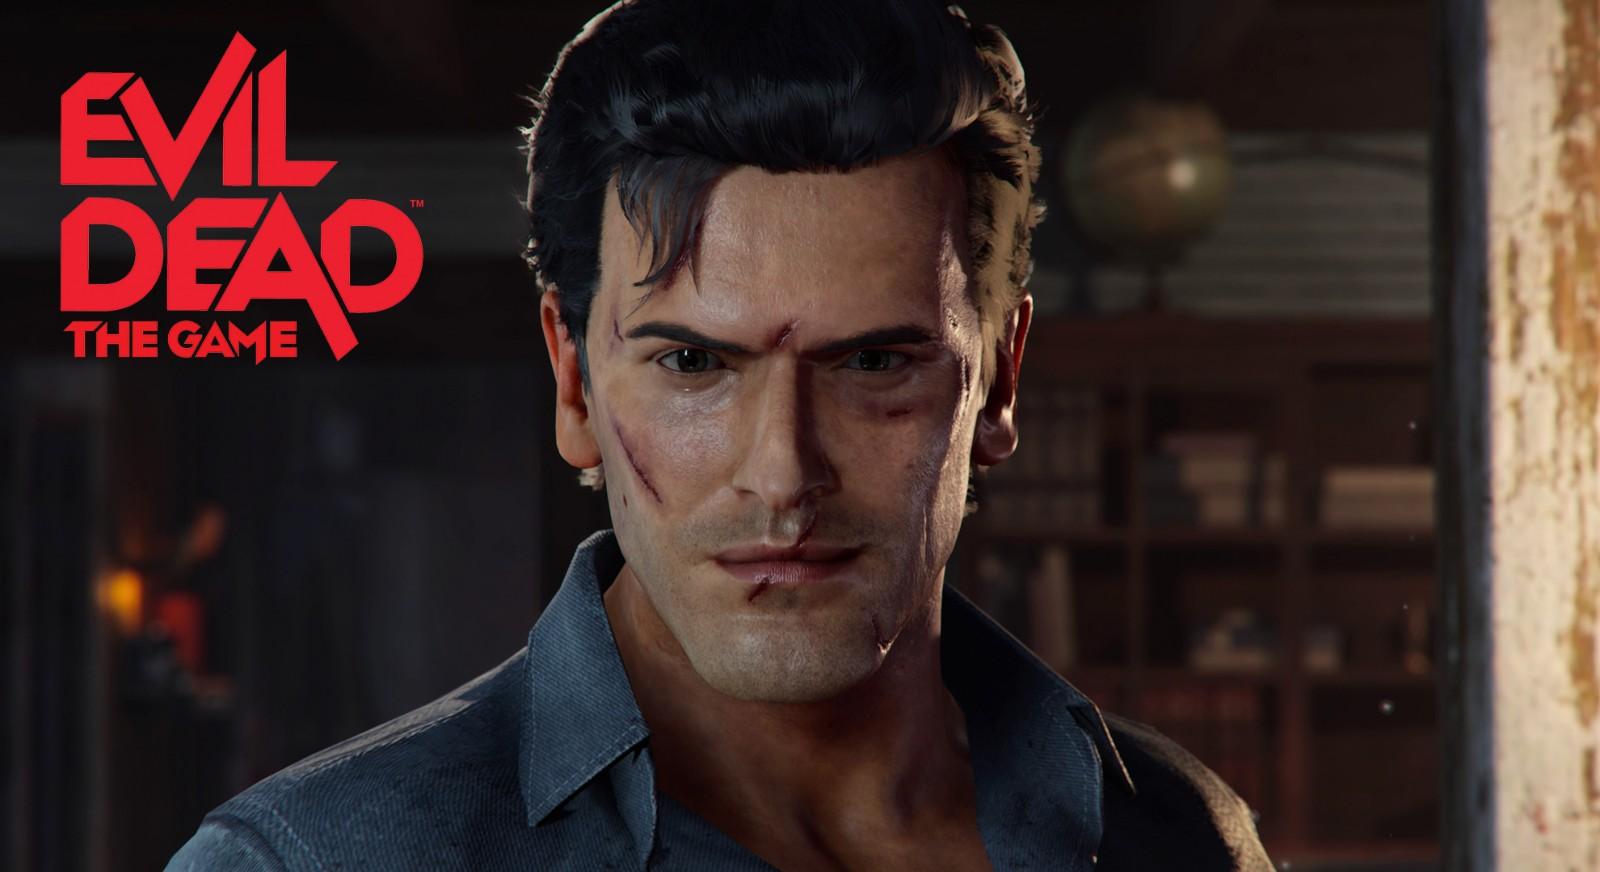 《鬼玩人》游戏版封面艺术图发布 4V1非对称对抗恐怖游戏